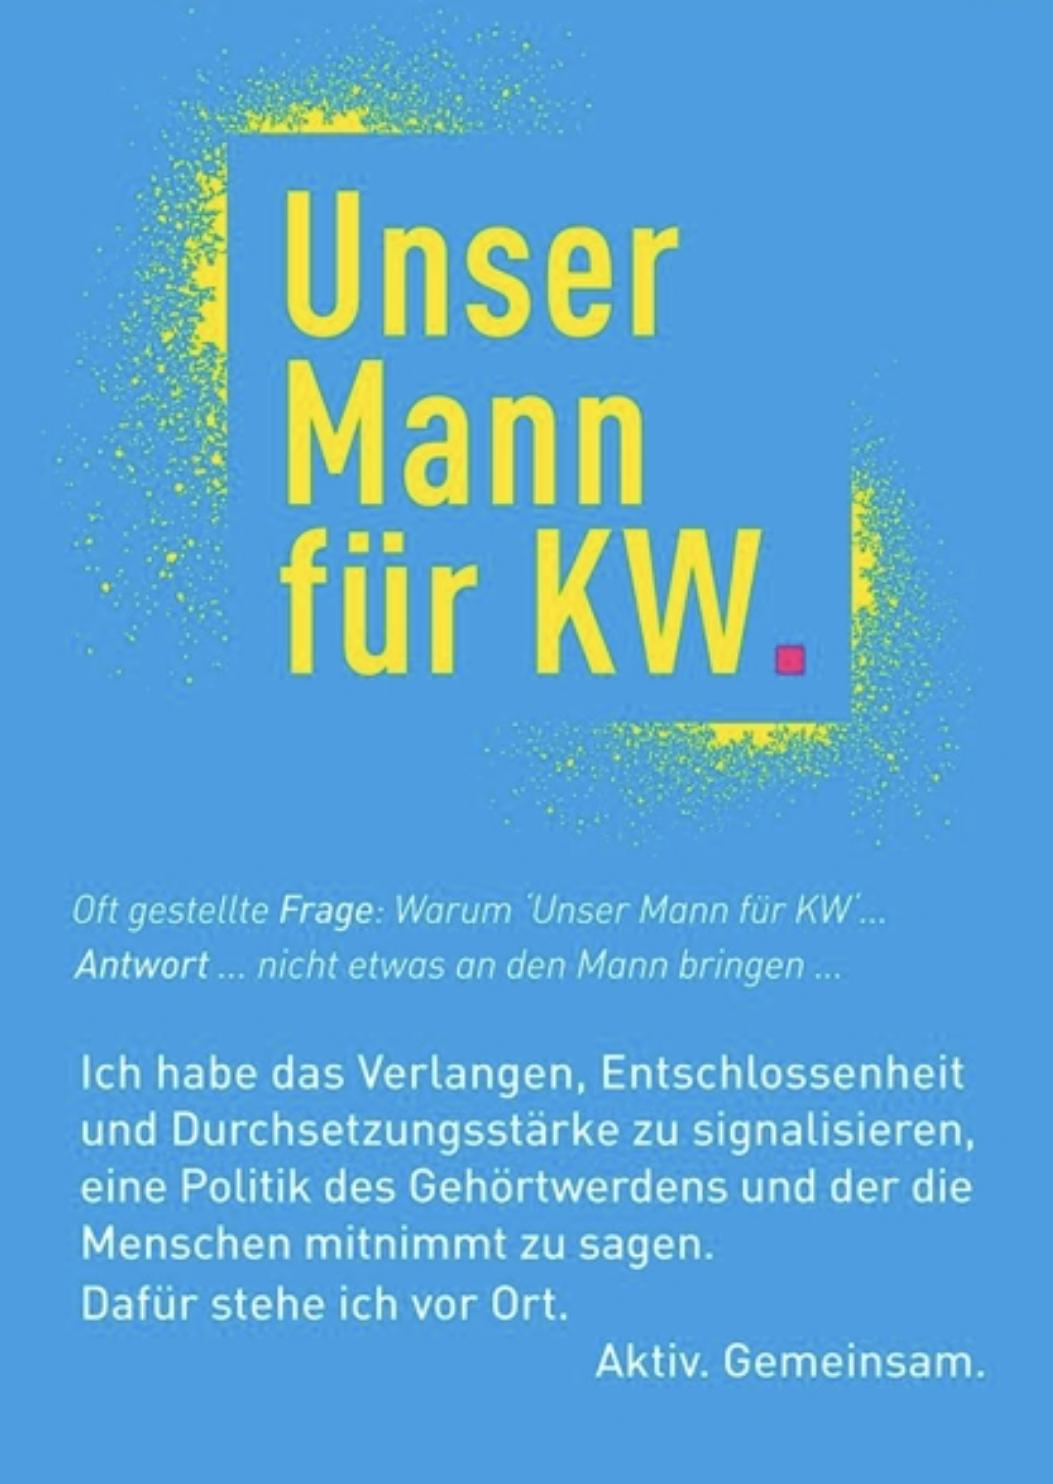 Ohne Scheiß: das ist die offizielle Ansage zum Thema |Johannes Ulrich Gehrke